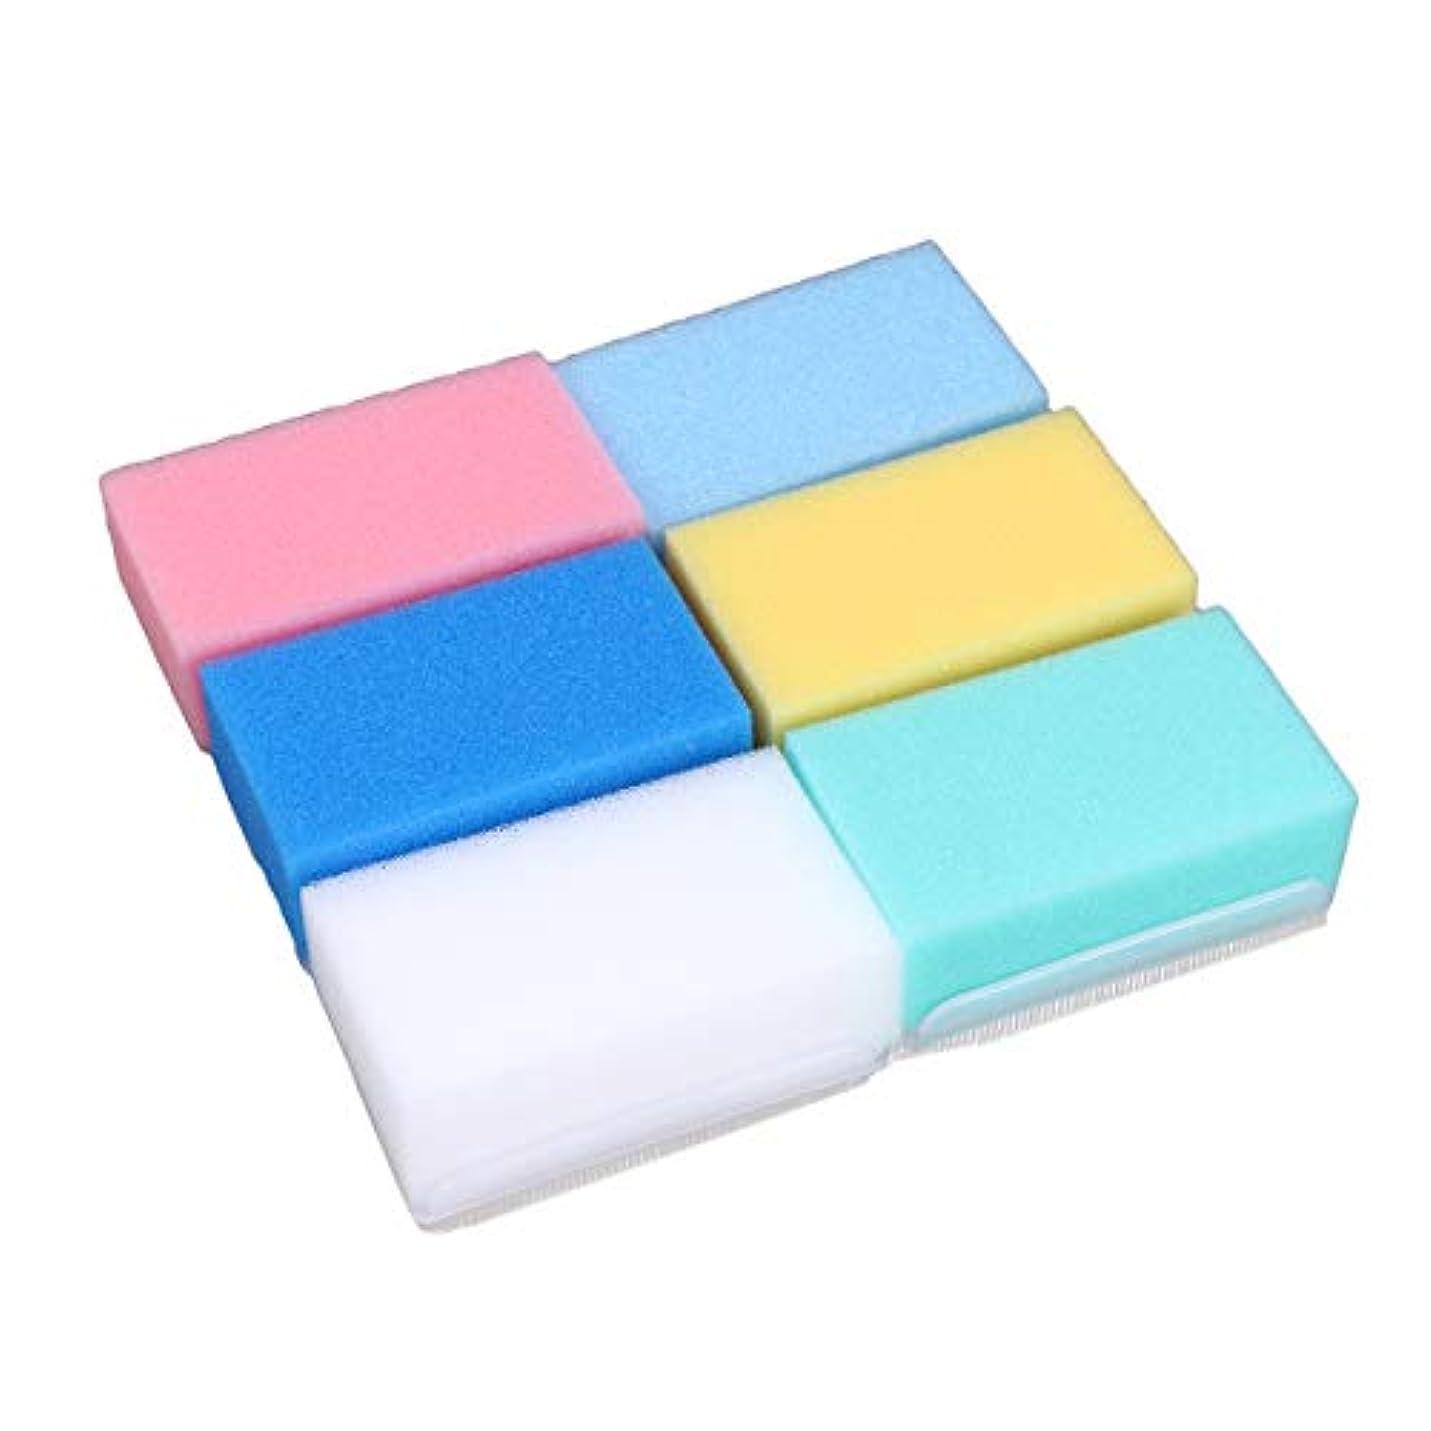 保持する公使館お勧めHEALIFTY 6本入浴ボディウォッシュブラシ柔らかい触覚感覚統合トレーニング乳児新生児のためのバスブラシバススポンジ(6色)